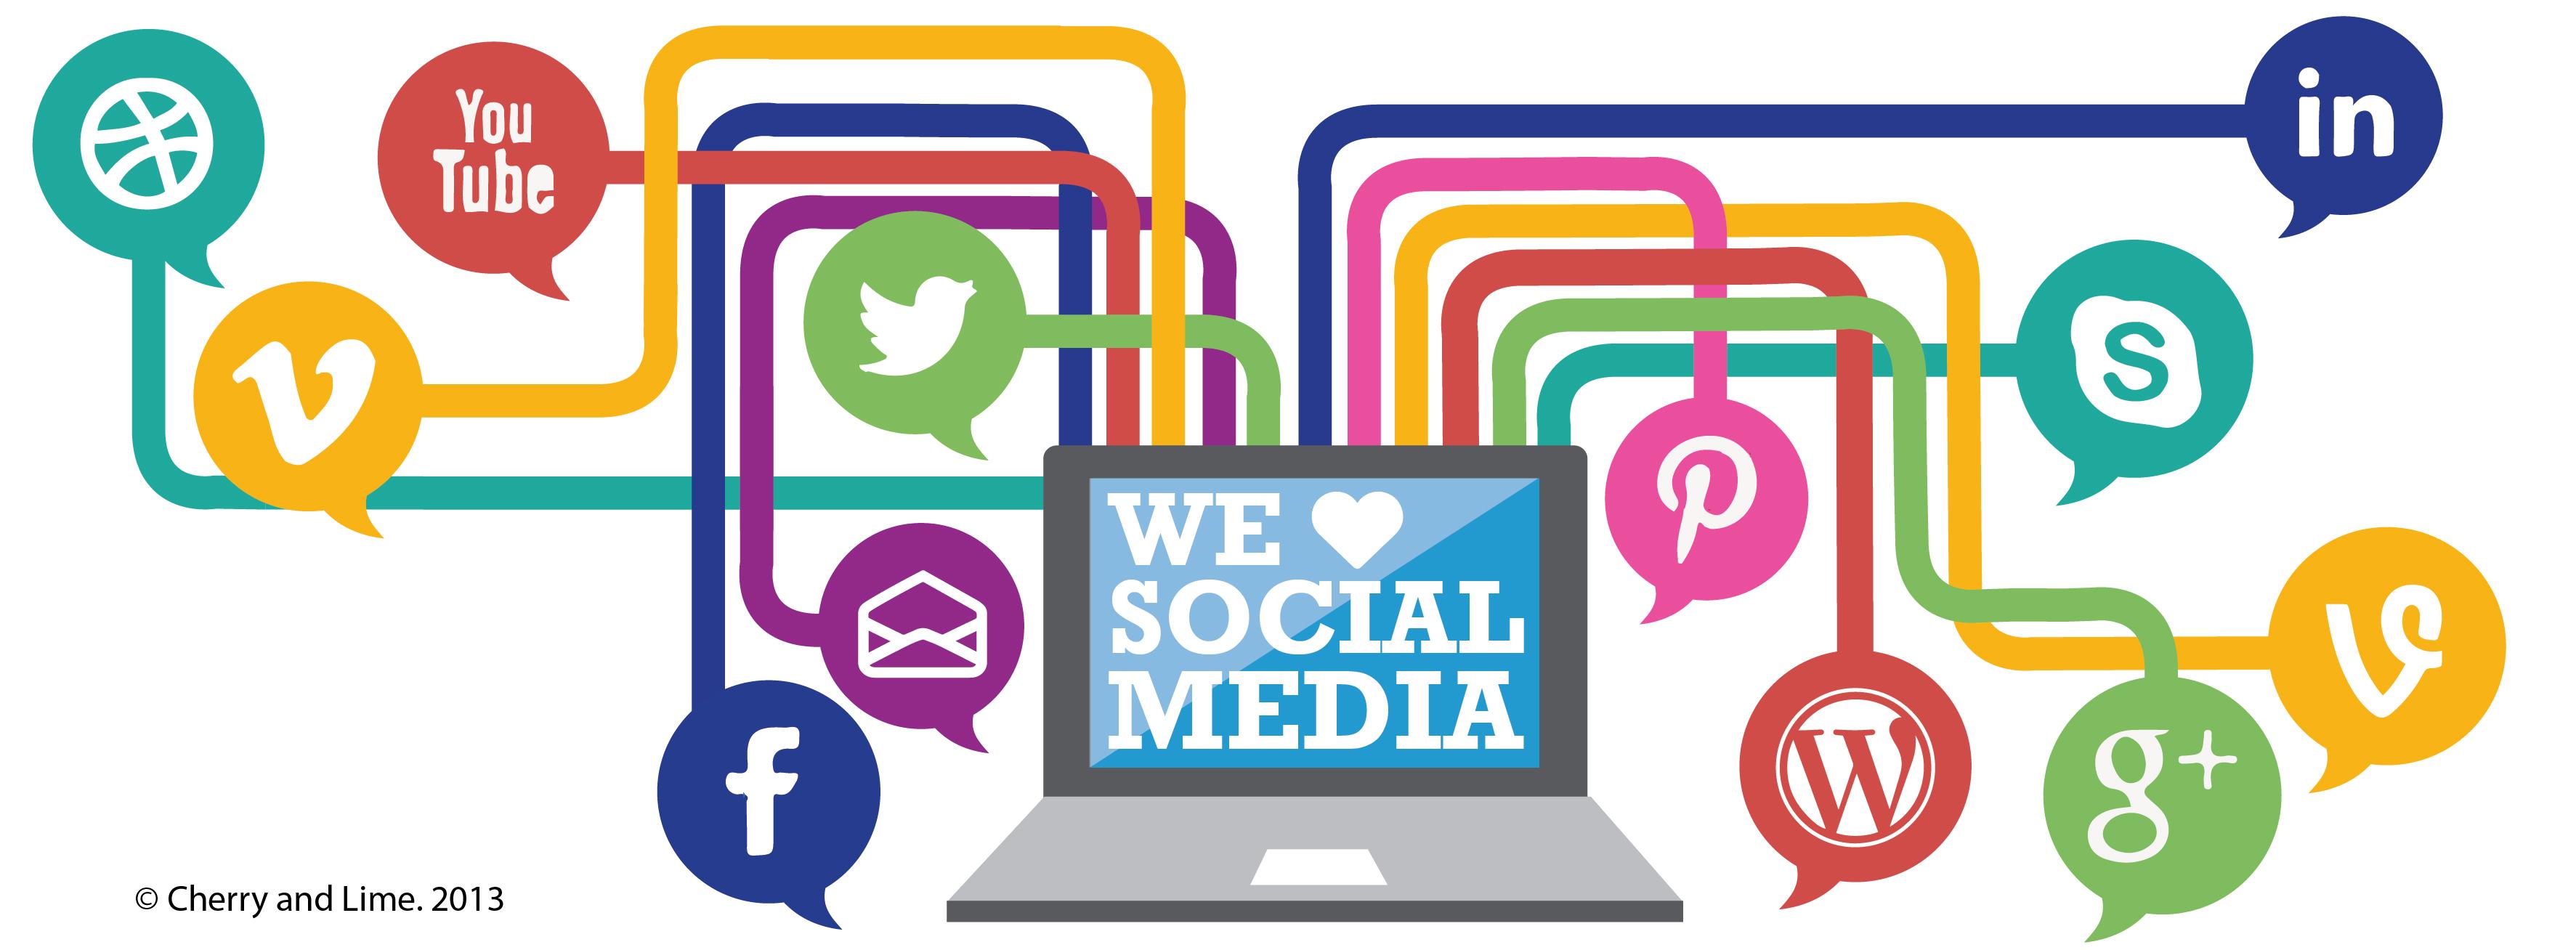 Social_Media_Banner_update-01.jpg